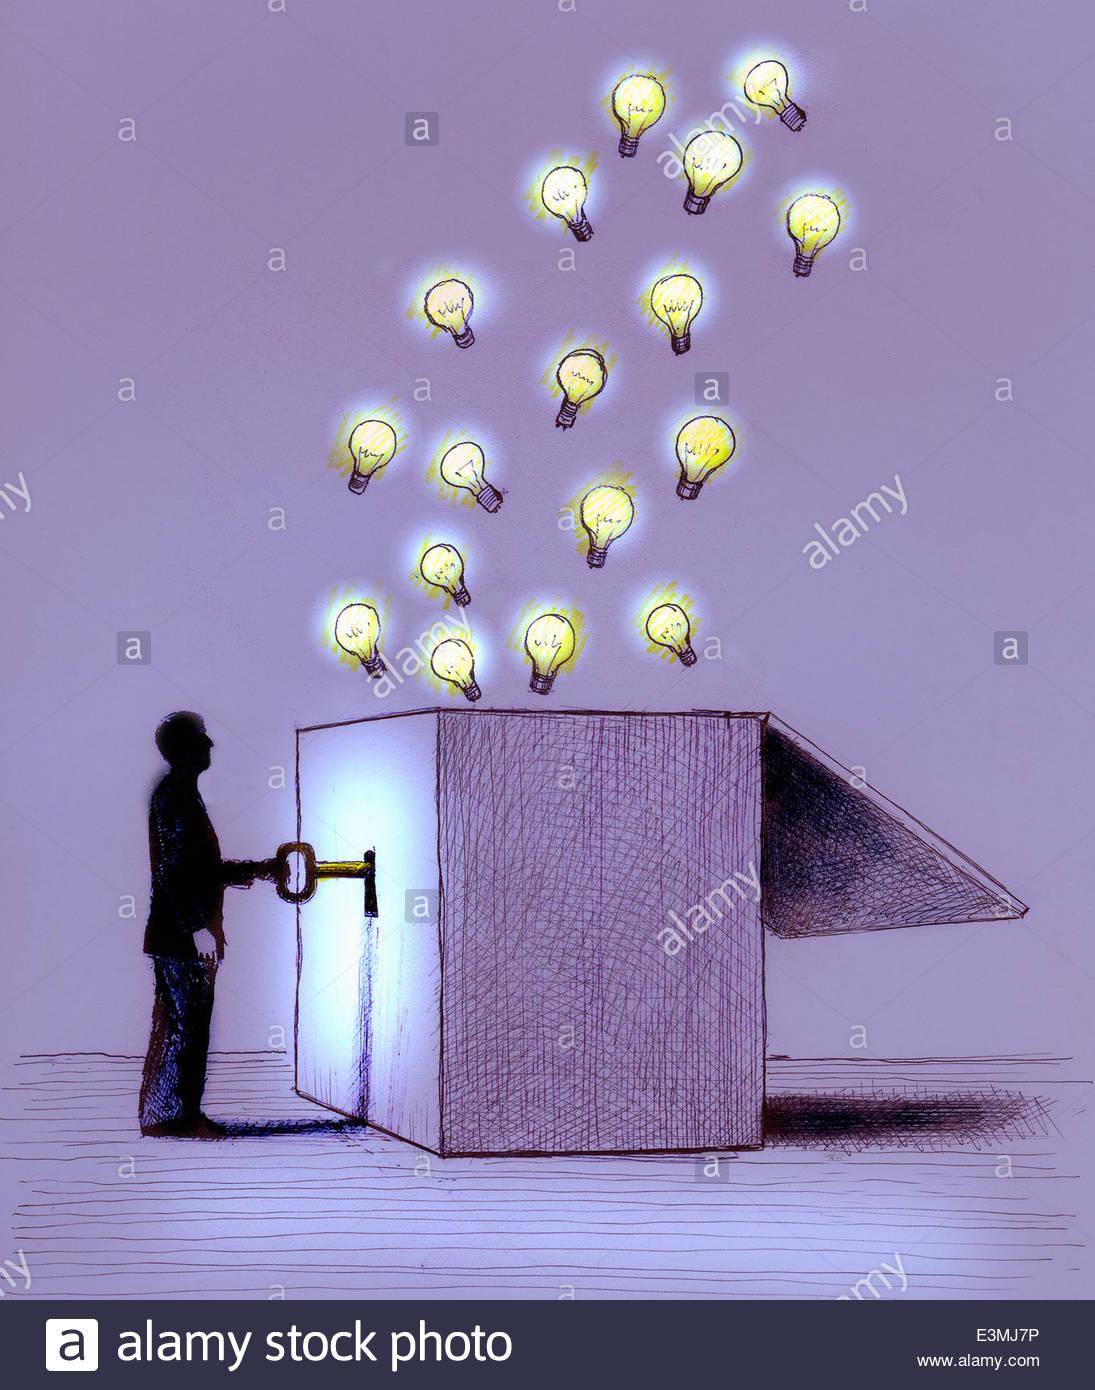 Uomo illuminato di sbloccaggio delle lampadine da box Immagini Stock